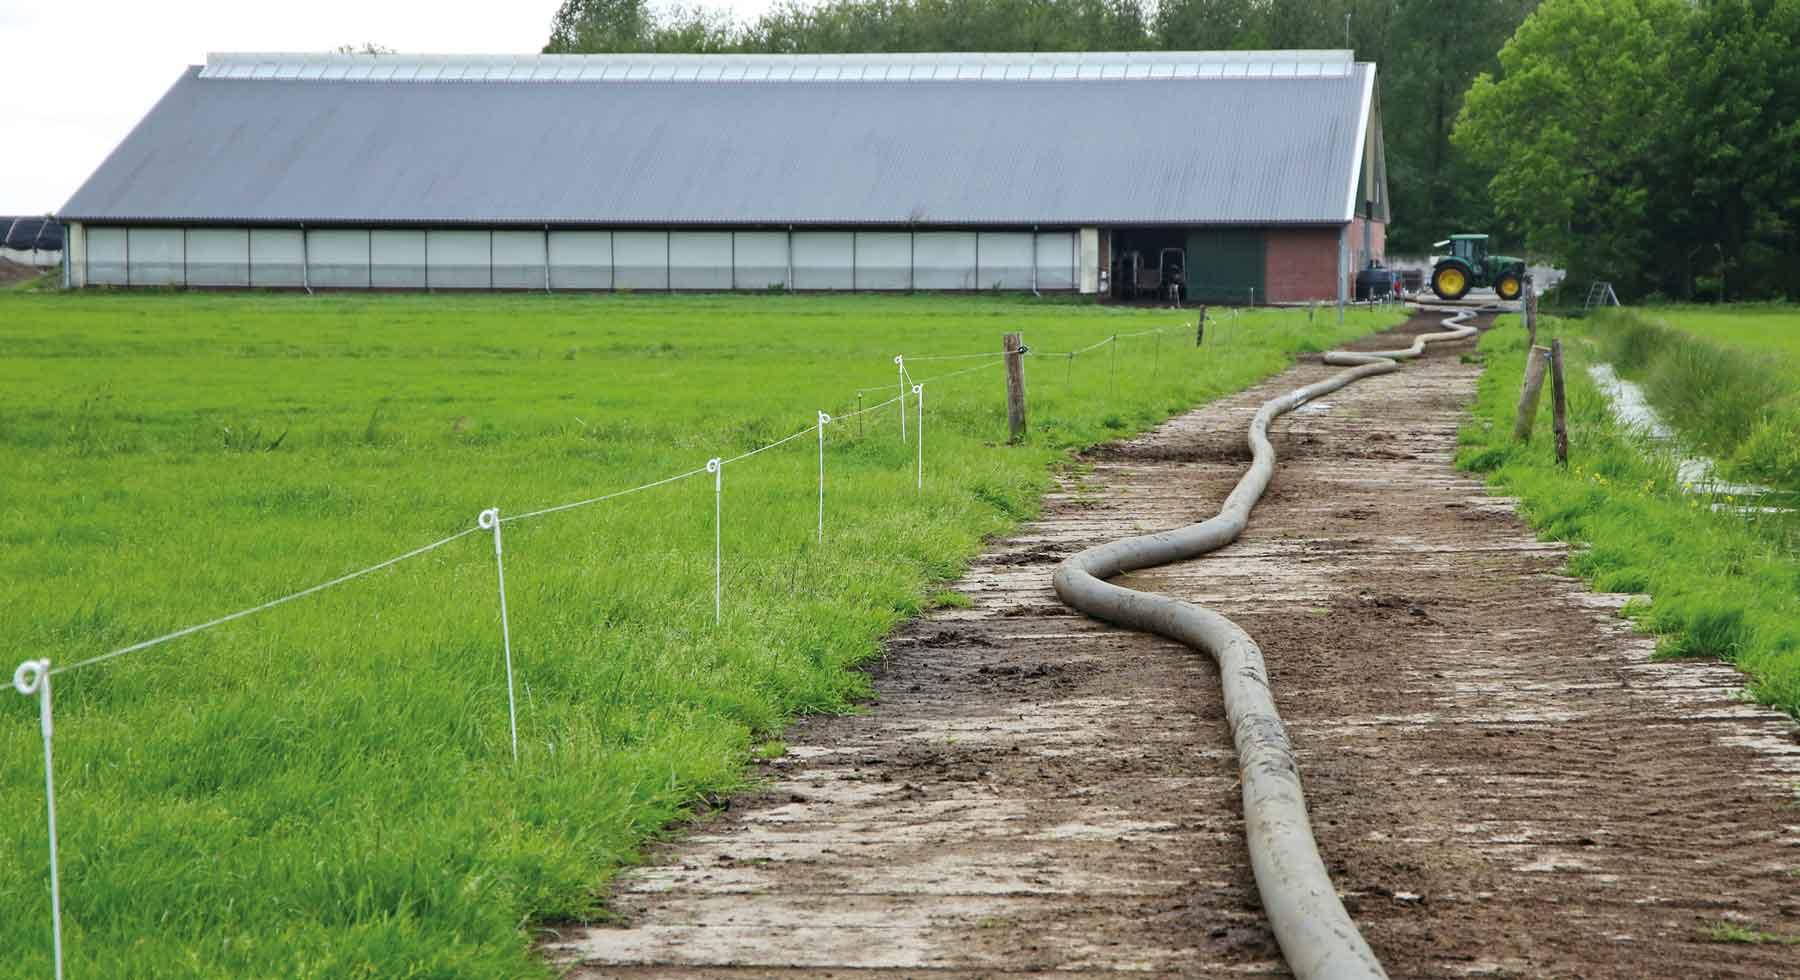 De toekomst ligt open als kringlopen sluiten, grondgebonden melkveehouderij